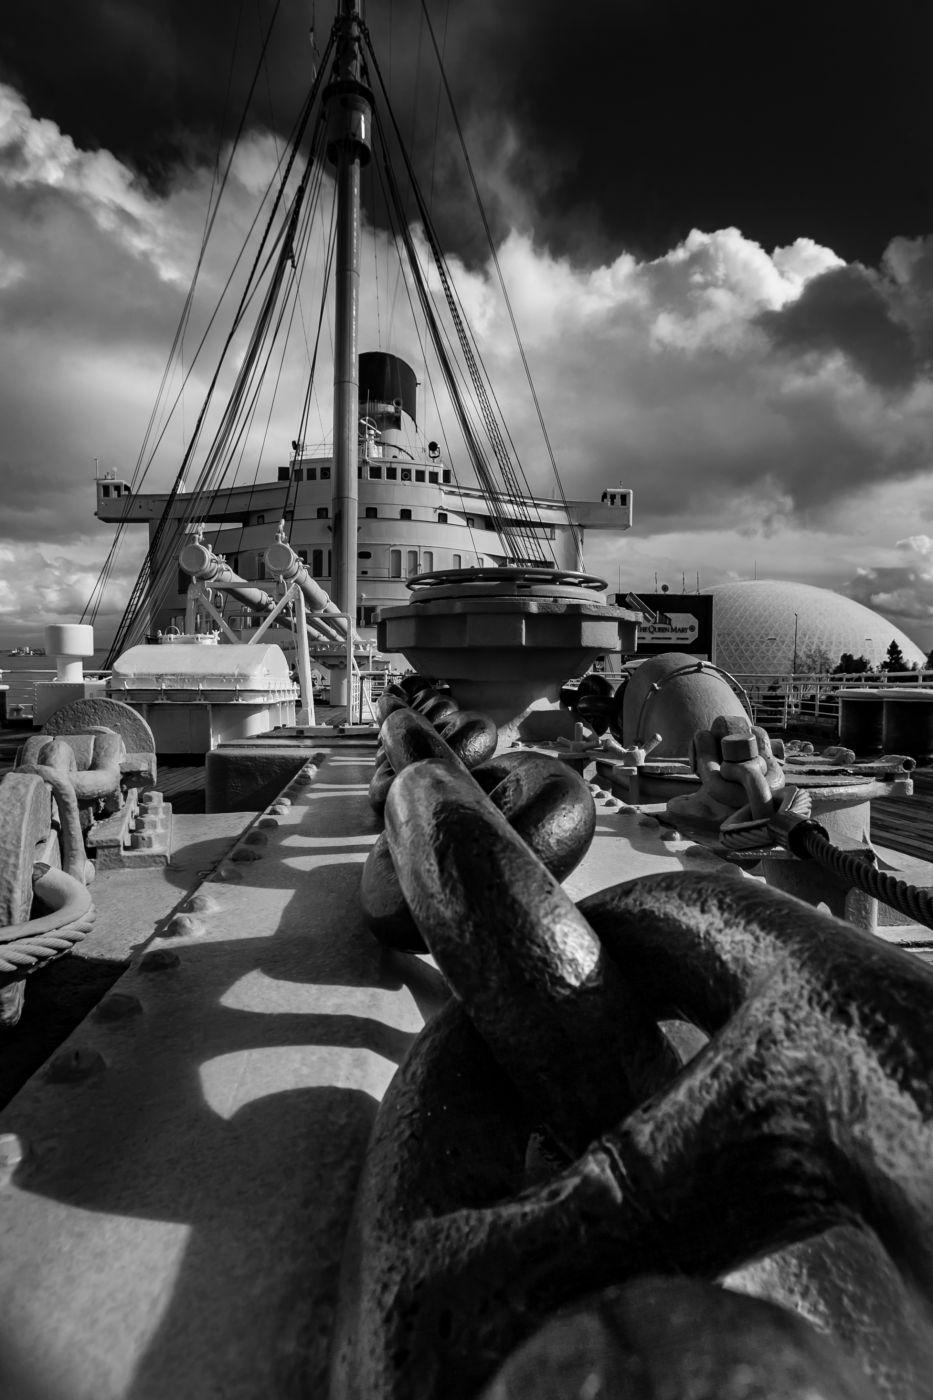 Anchor Chain Queen Mary, Long Beach, California, USA